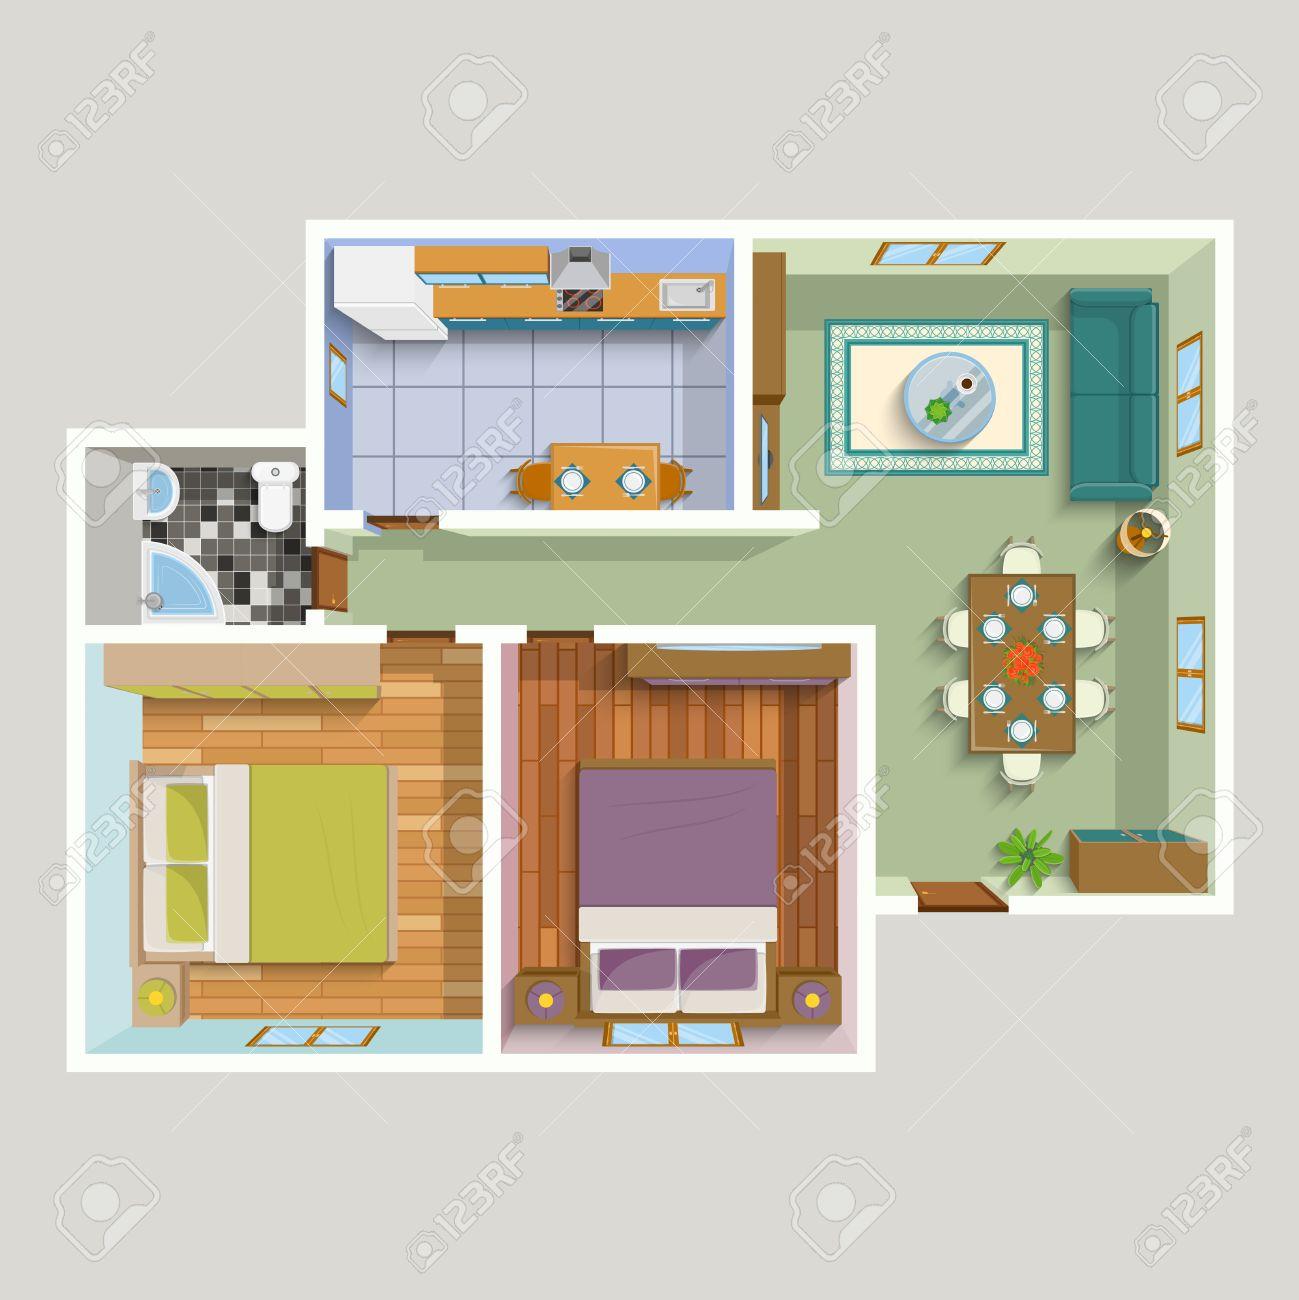 Draufsicht Wohnung Innenraum Detaillierter Plan Mit Wohnzimmer Küche ...